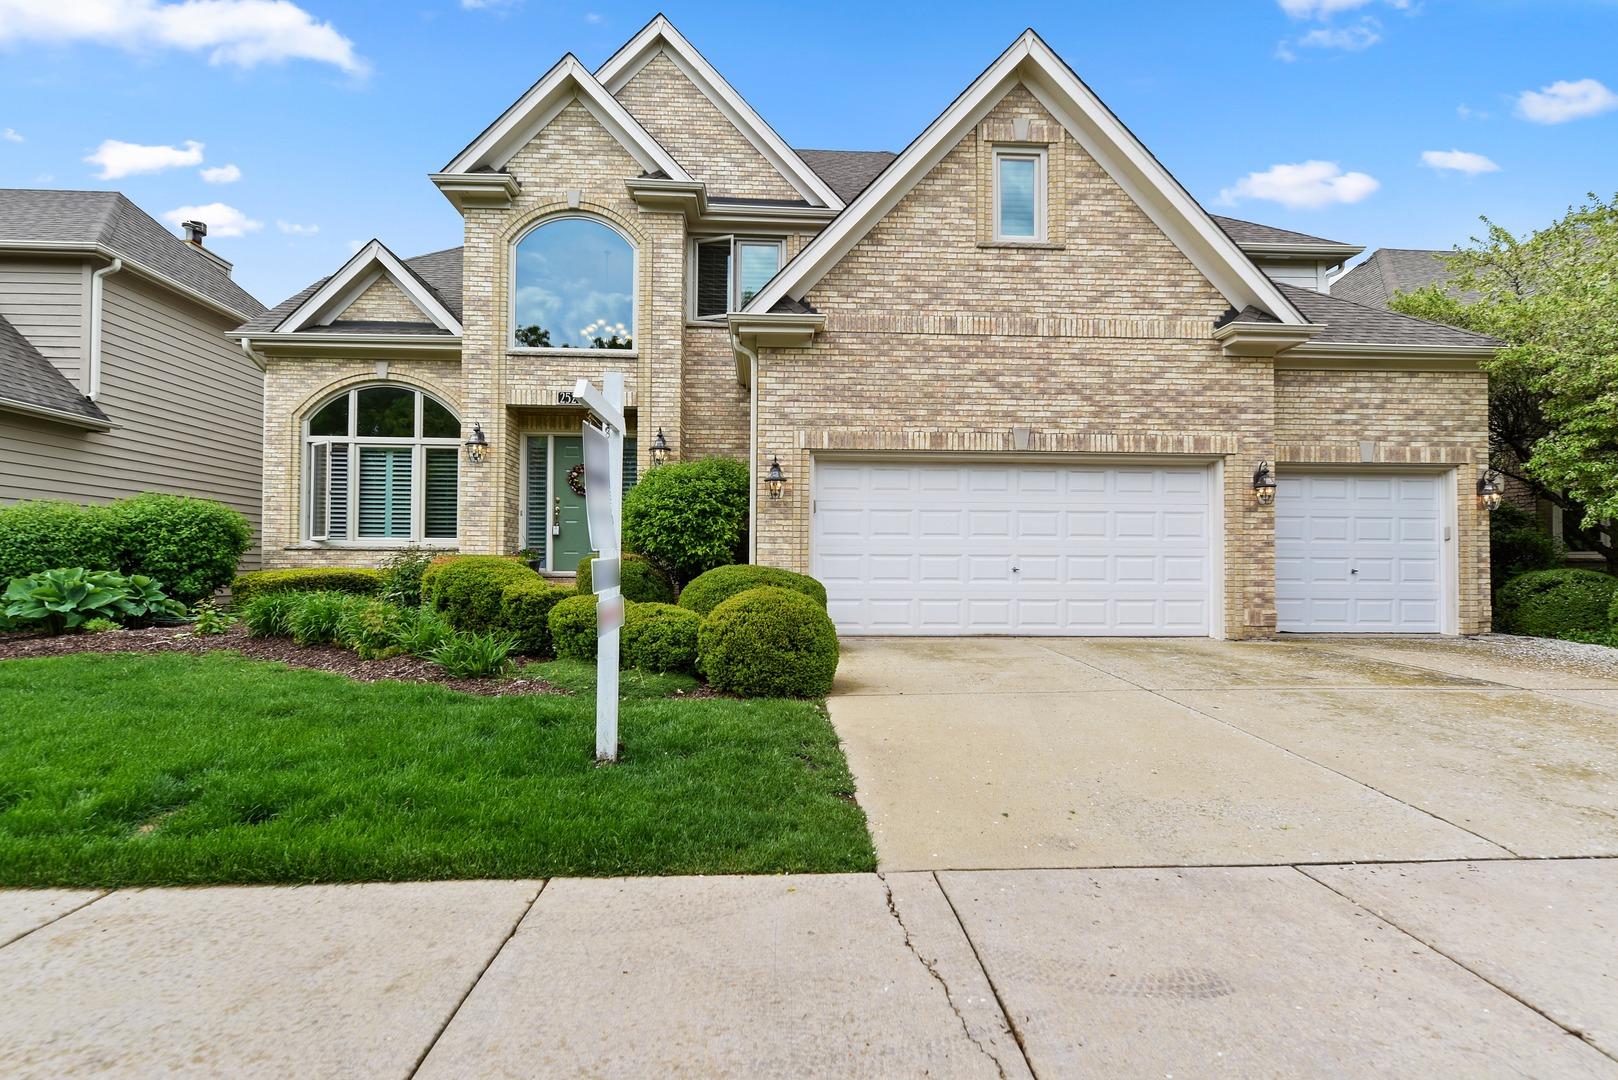 2520 Sutton, AURORA, Illinois, 60502